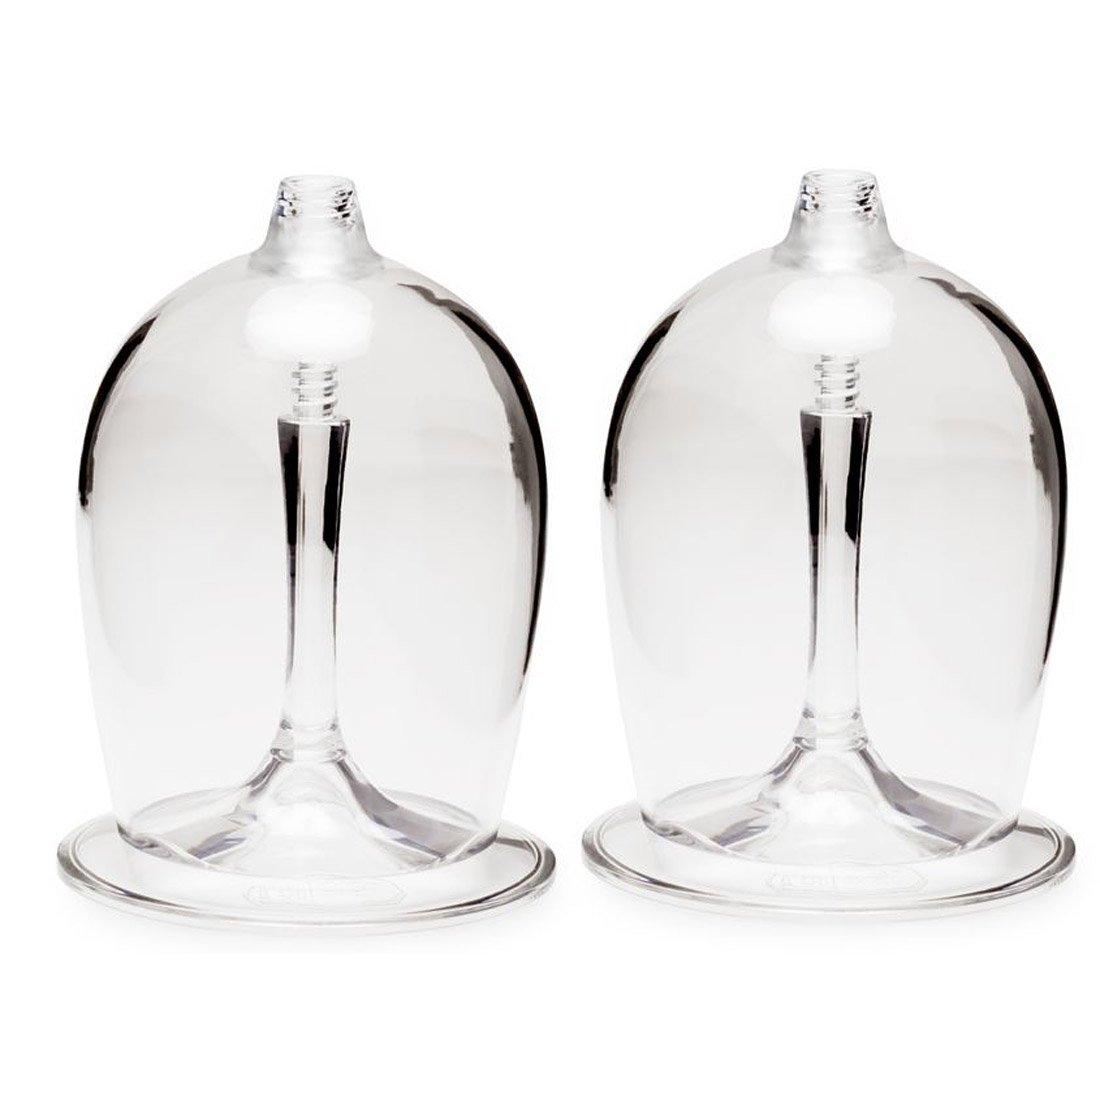 זוג כוסות יין לשטח - Nesting Wine Glass Set - GSI